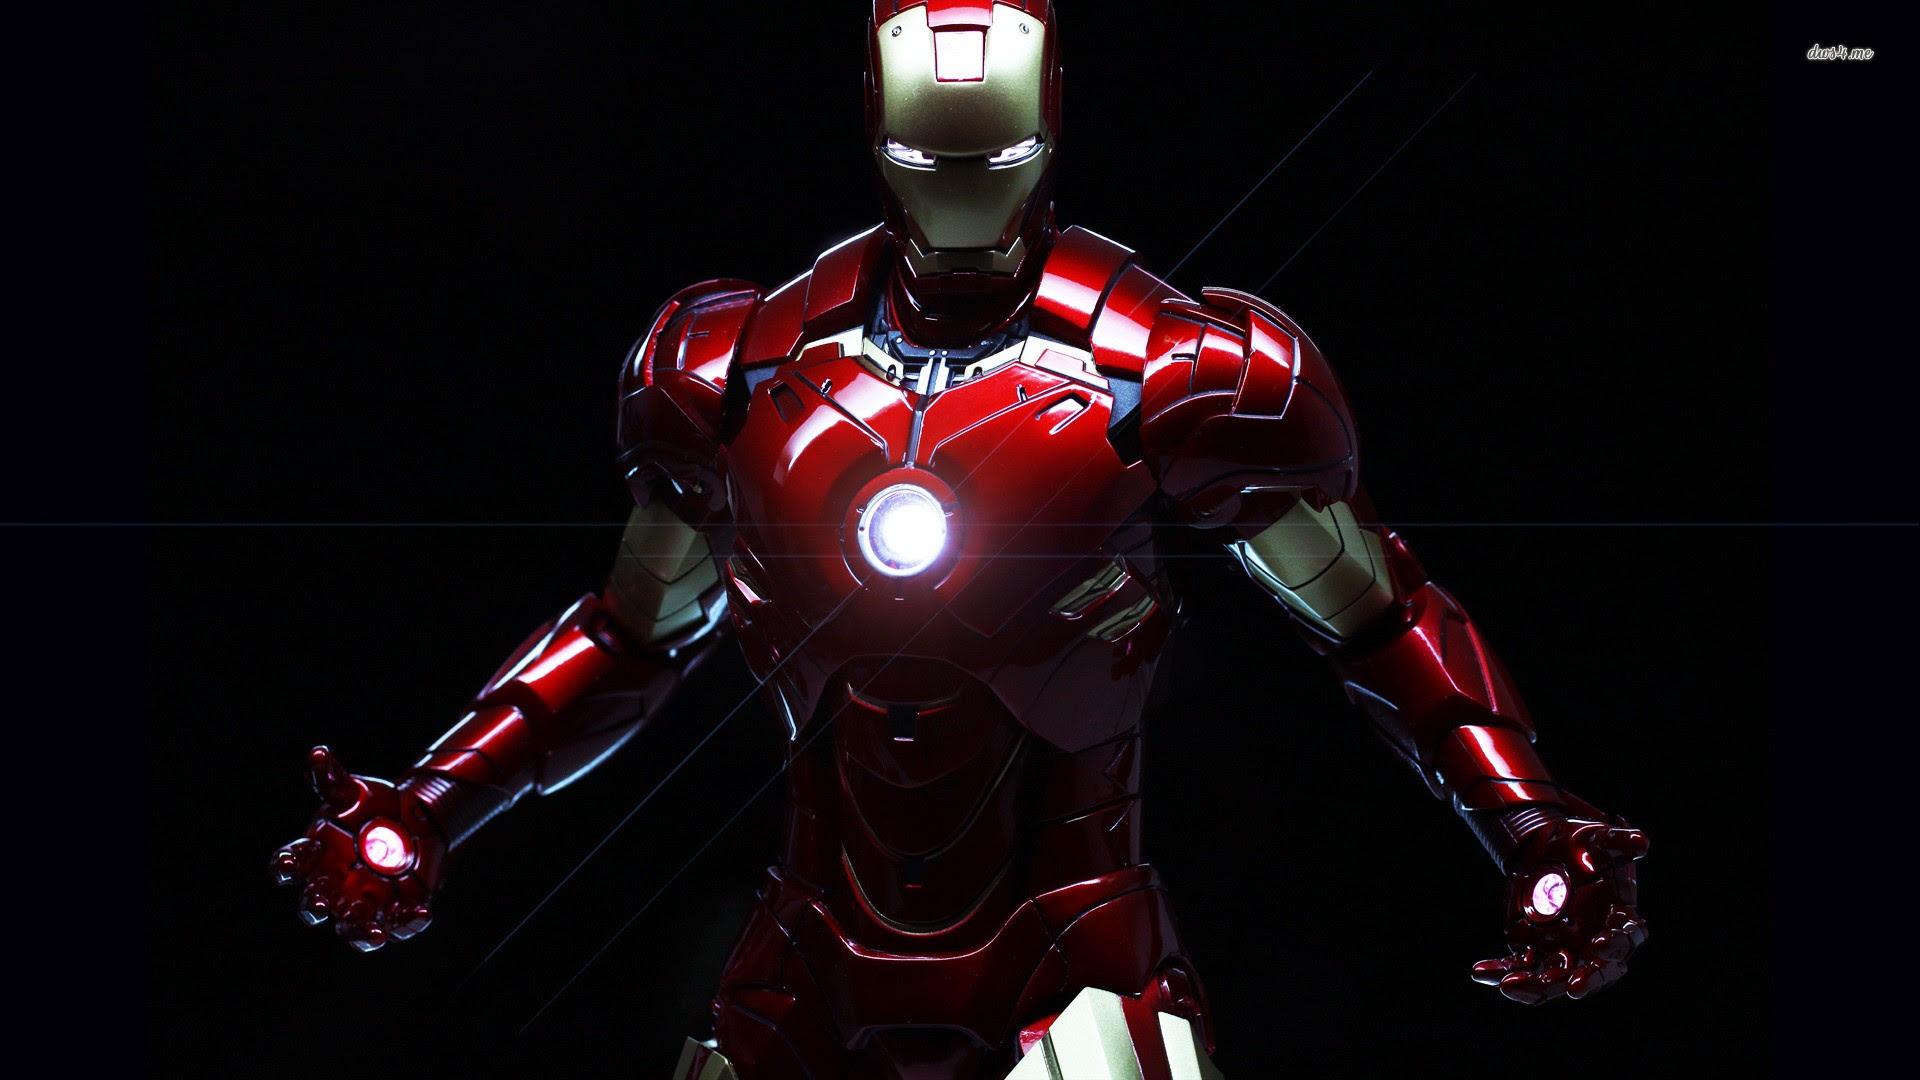 Wallpaper 3d Iron Man